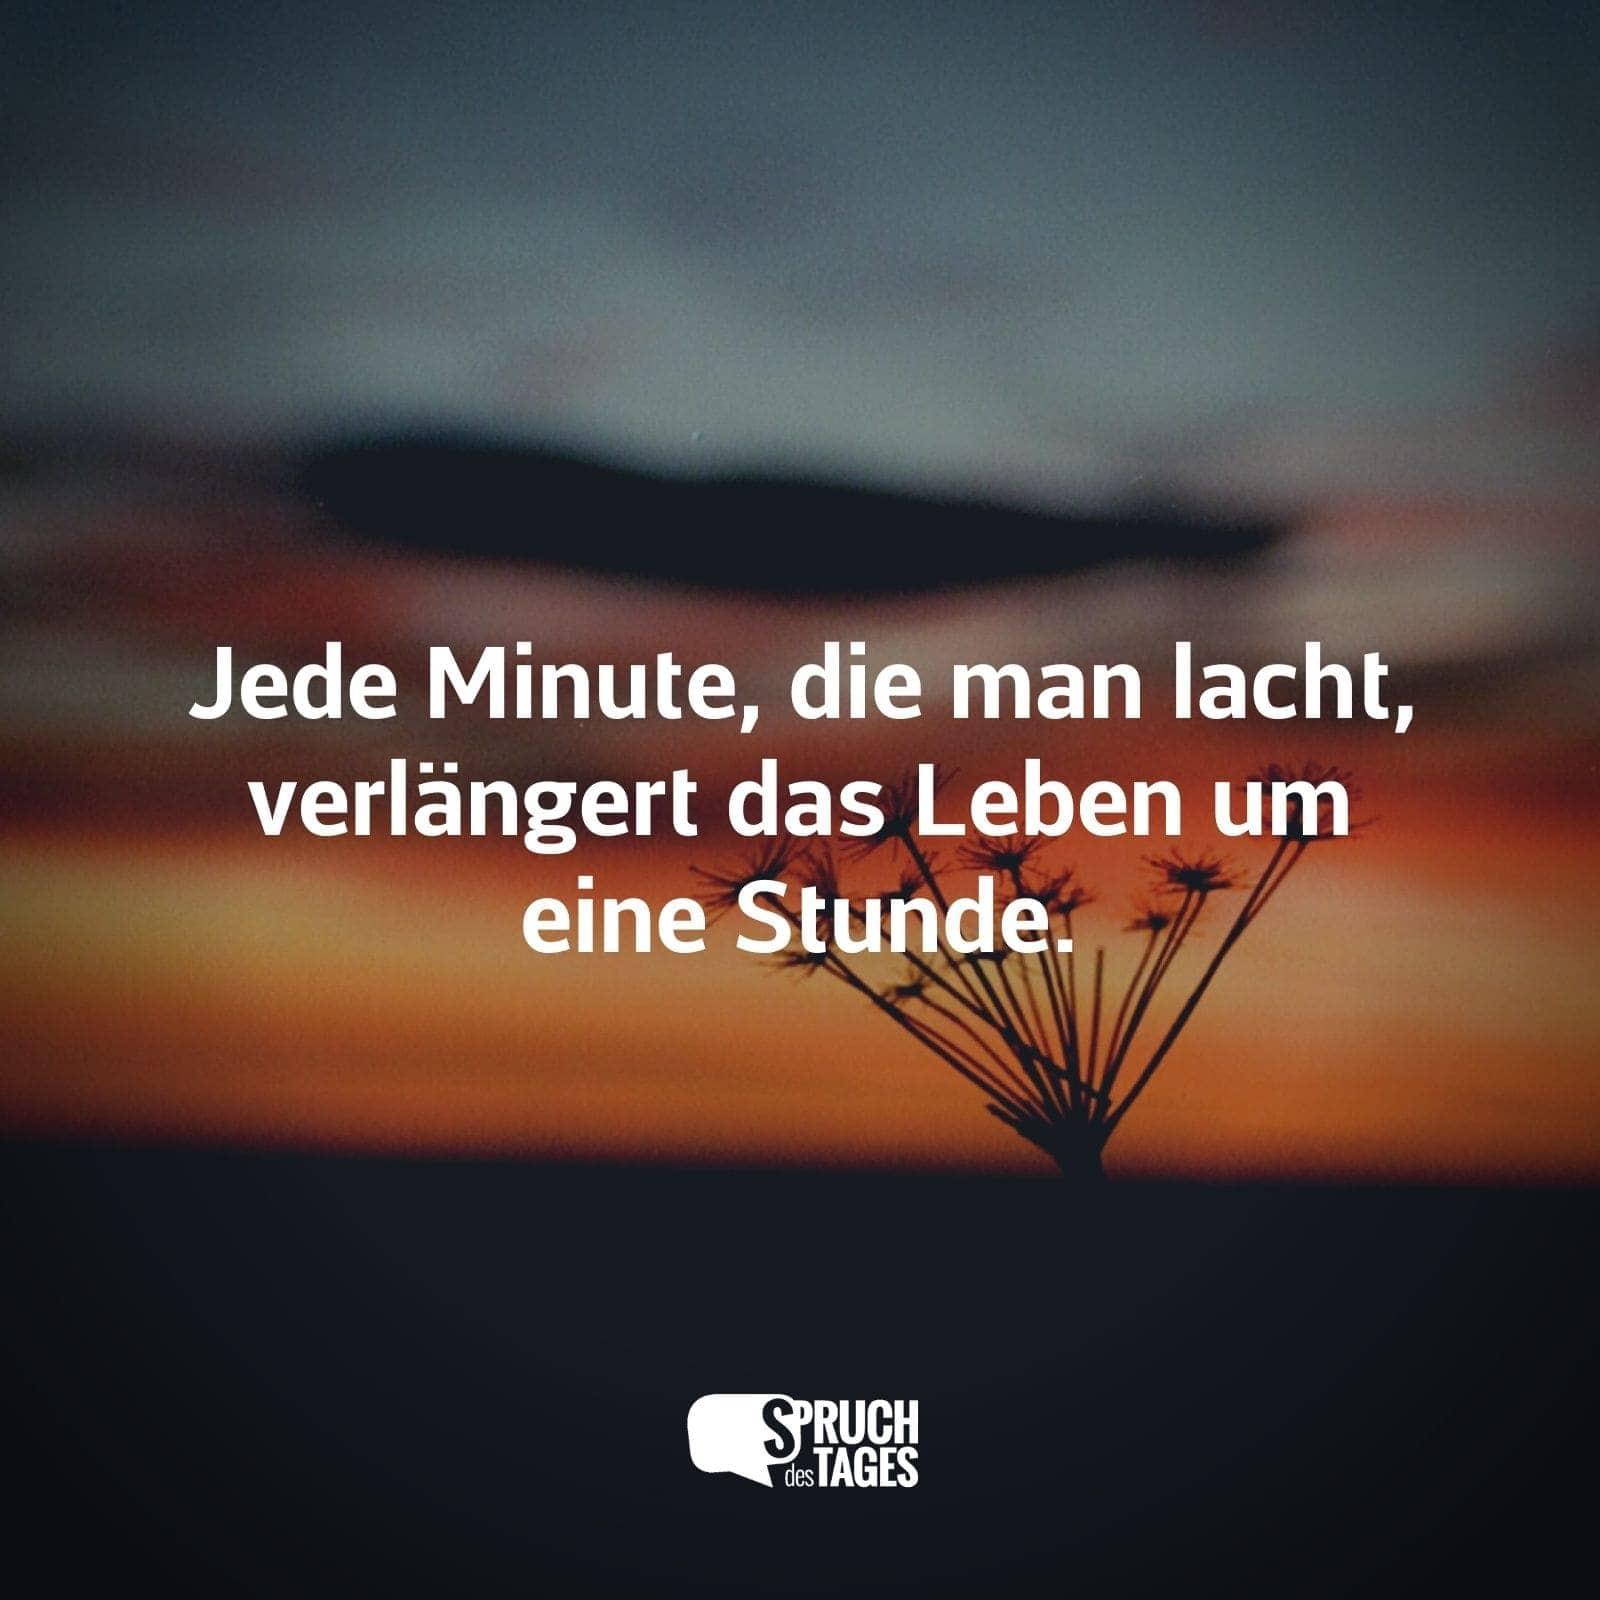 sprüche über das leben lachen Jede Minute, die man lacht, verlängert das Leben um eine Stunde. sprüche über das leben lachen